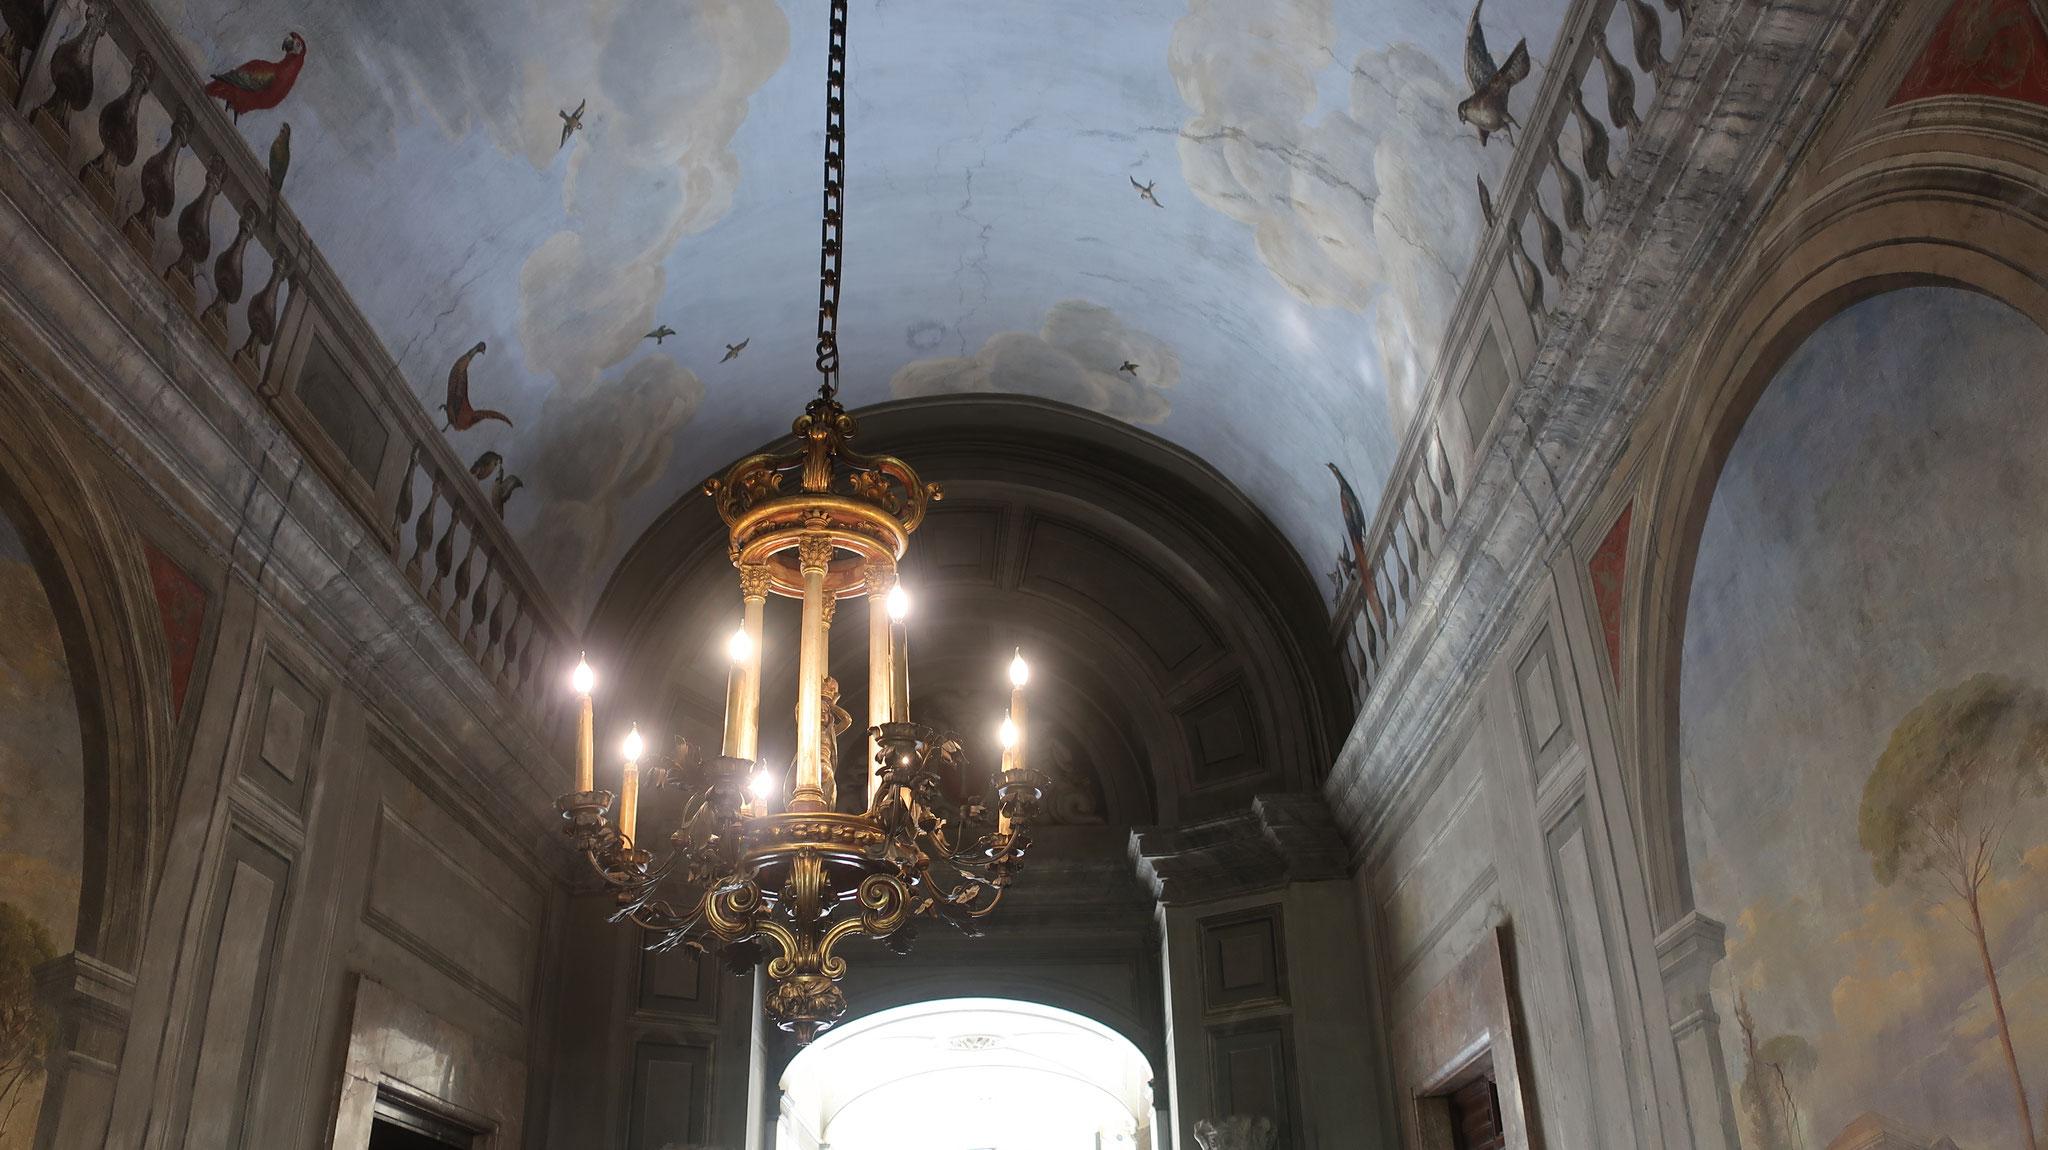 ヴェトゥリーナの間。壁や天井にフレスコ画が描かれています。